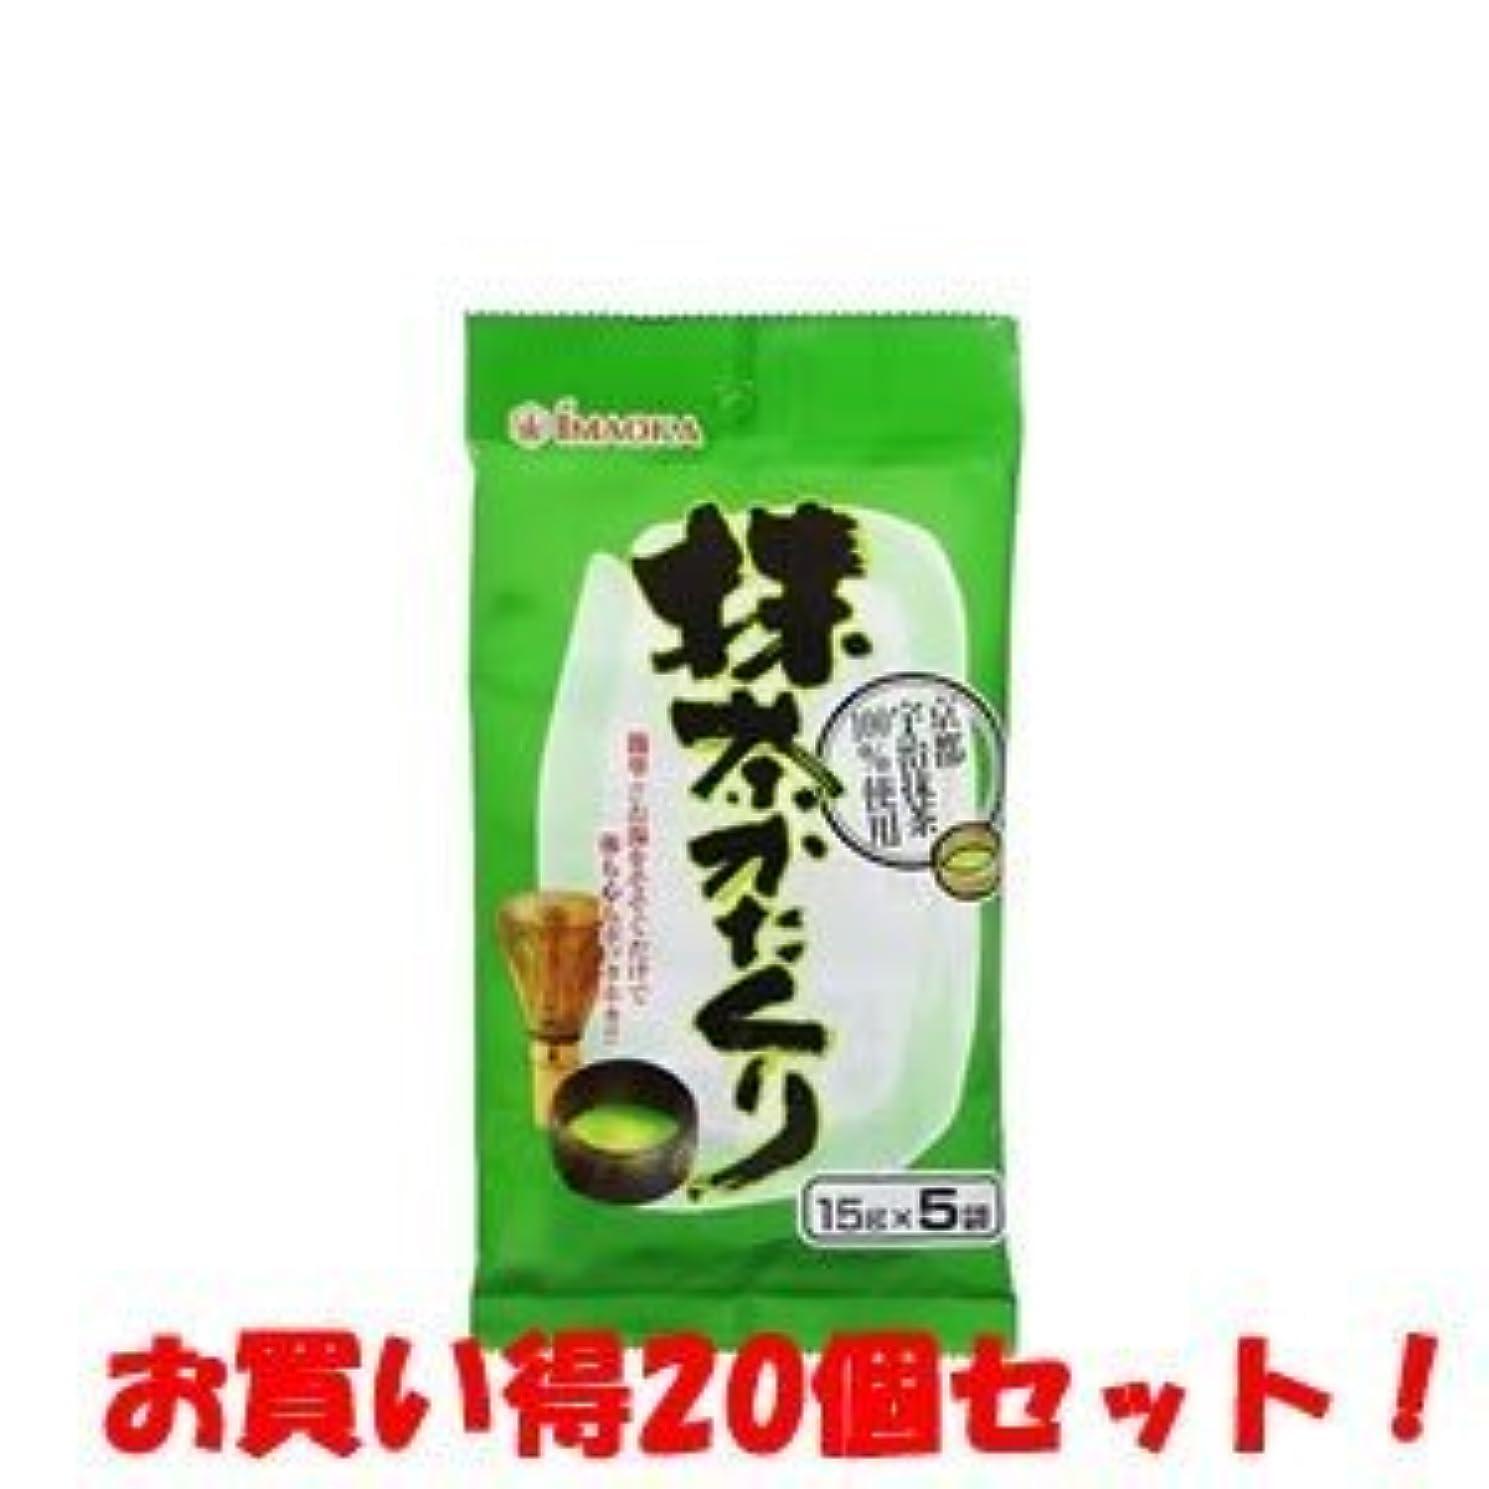 現れる花輪コイル(今岡製菓)抹茶かたくり 15g×5袋(お買い得20個セット)